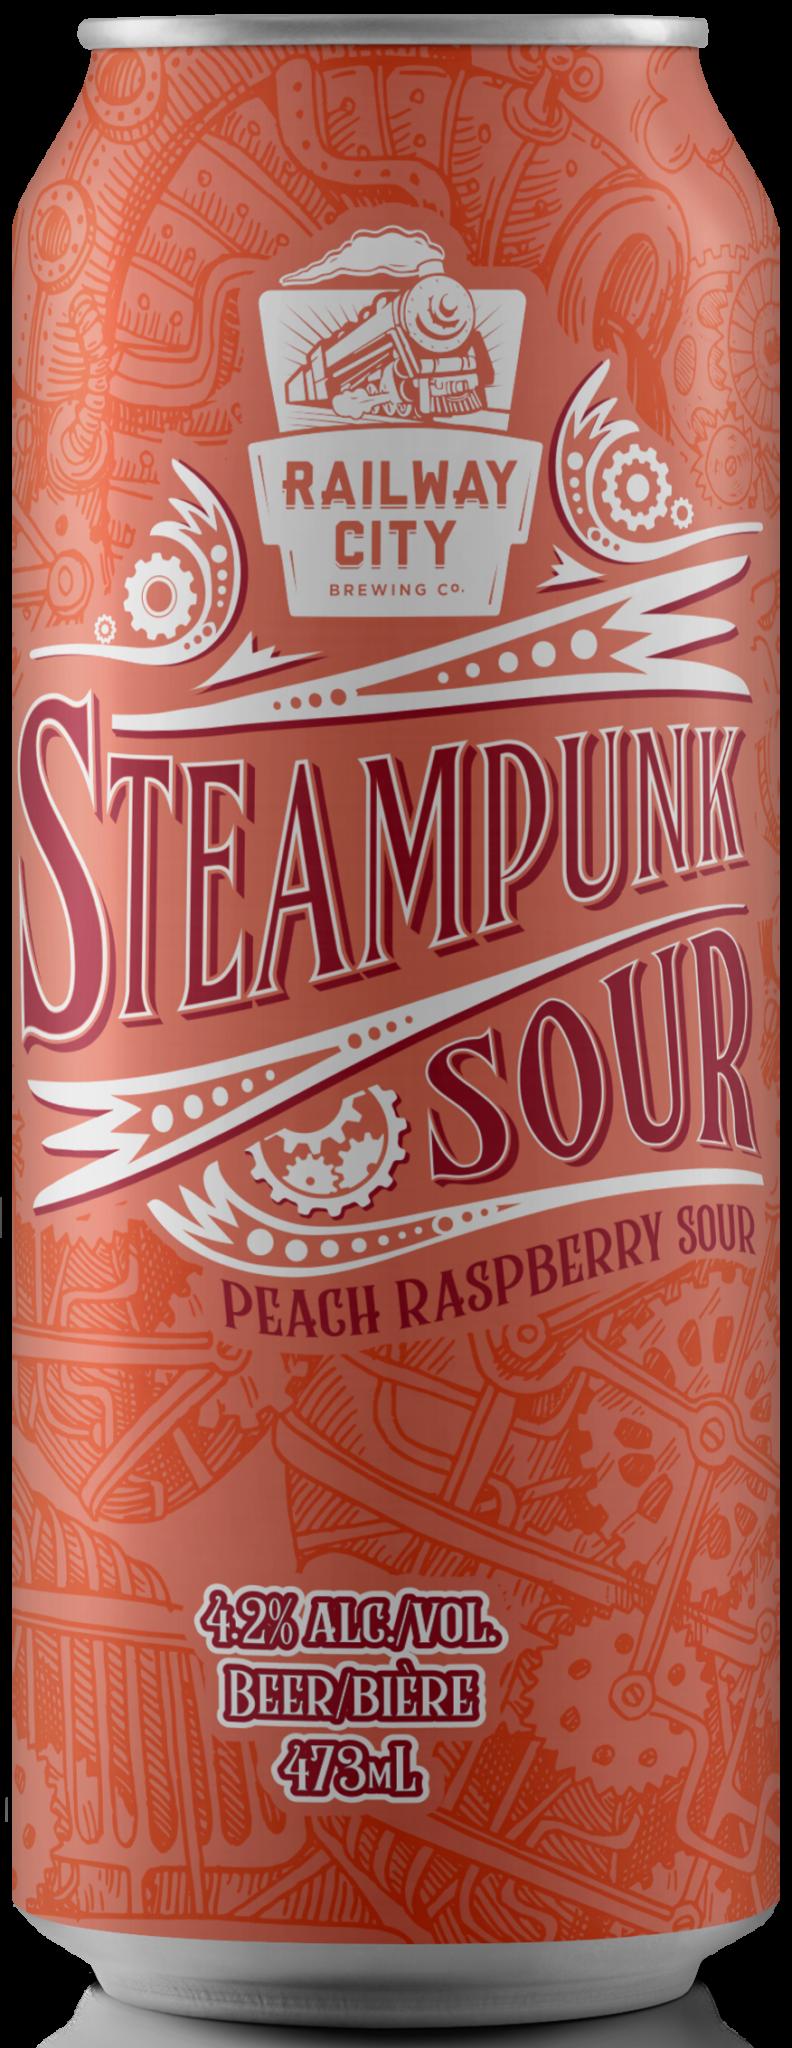 Steampunk Sour Peach Raspberry Can